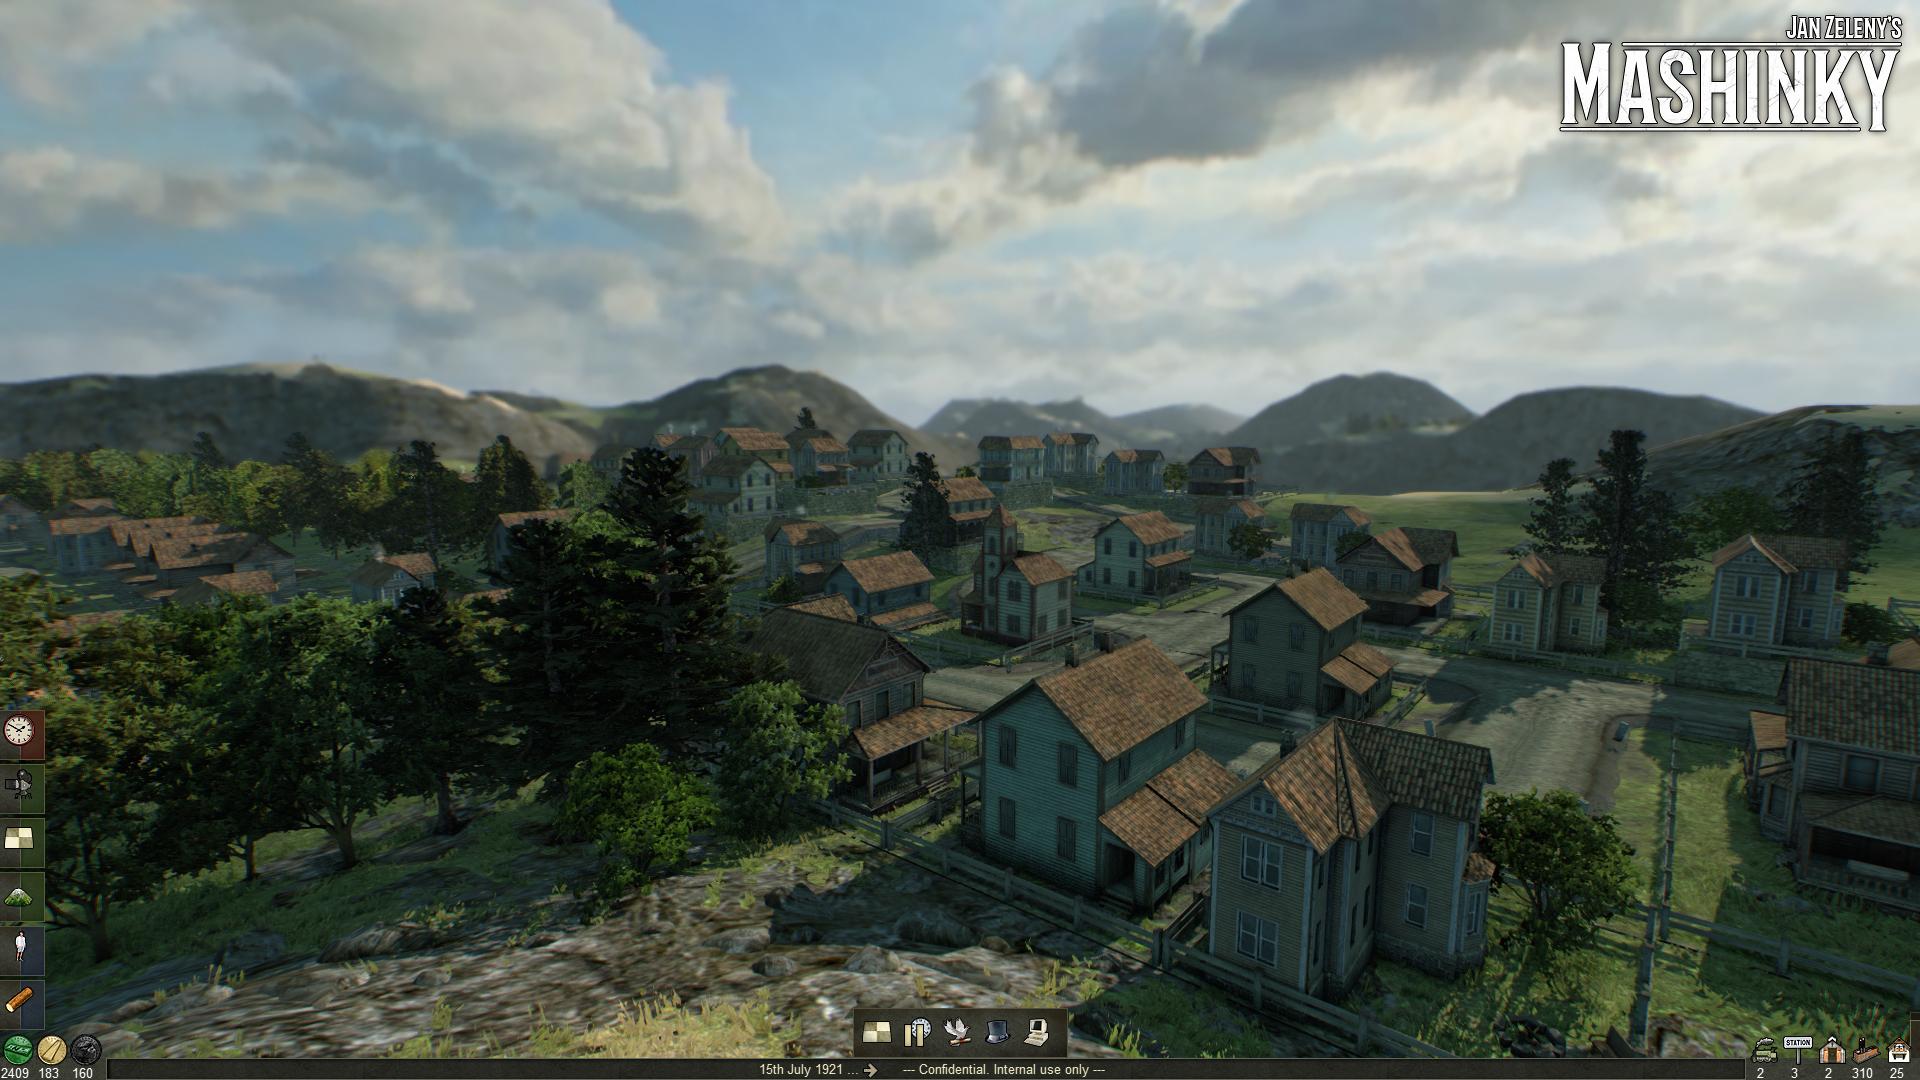 České Mashinky dorazí na Steam 6. října 149592